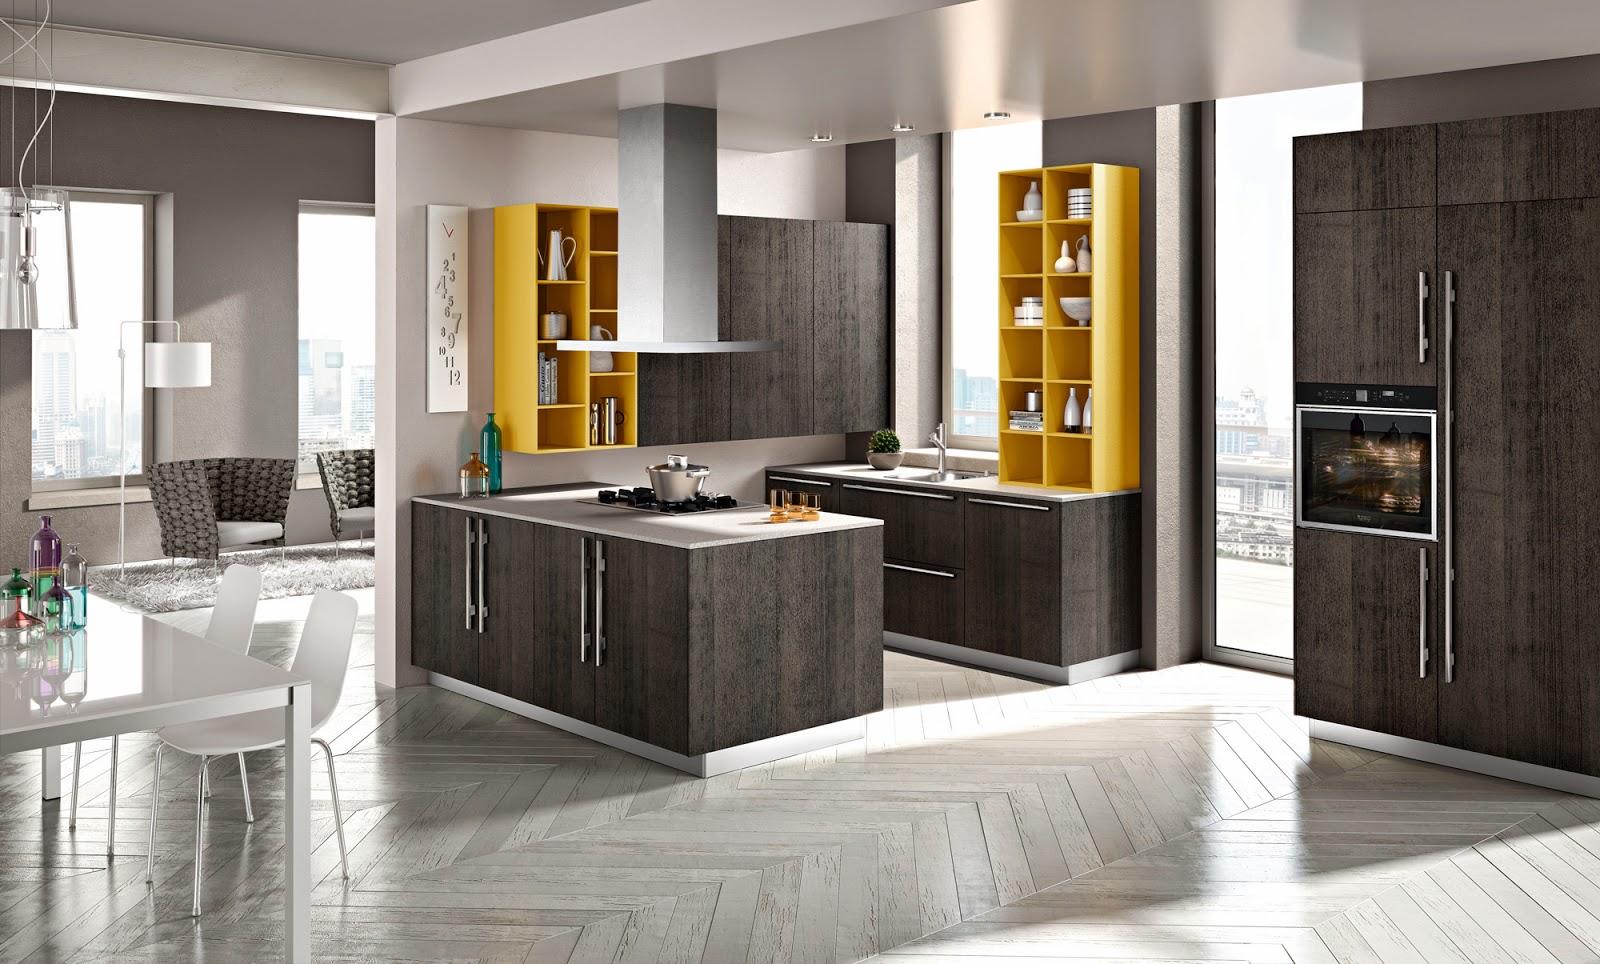 Cucine moderne le migliori soluzioni per arredare la tua cucina - Cucina code snaidero ...